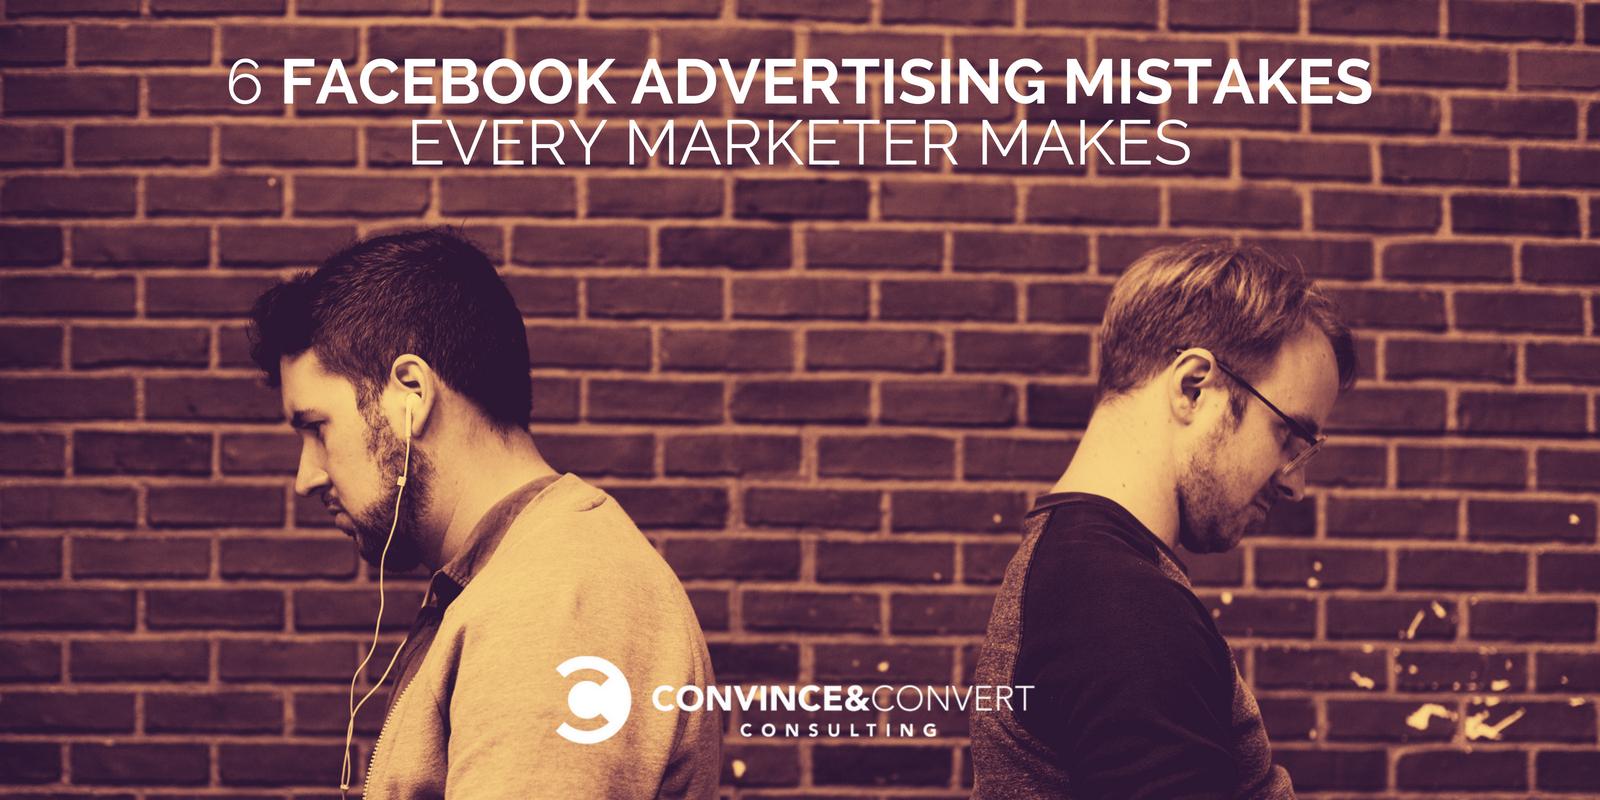 6 Errori di pubblicità su Facebook Ogni Marketer fa